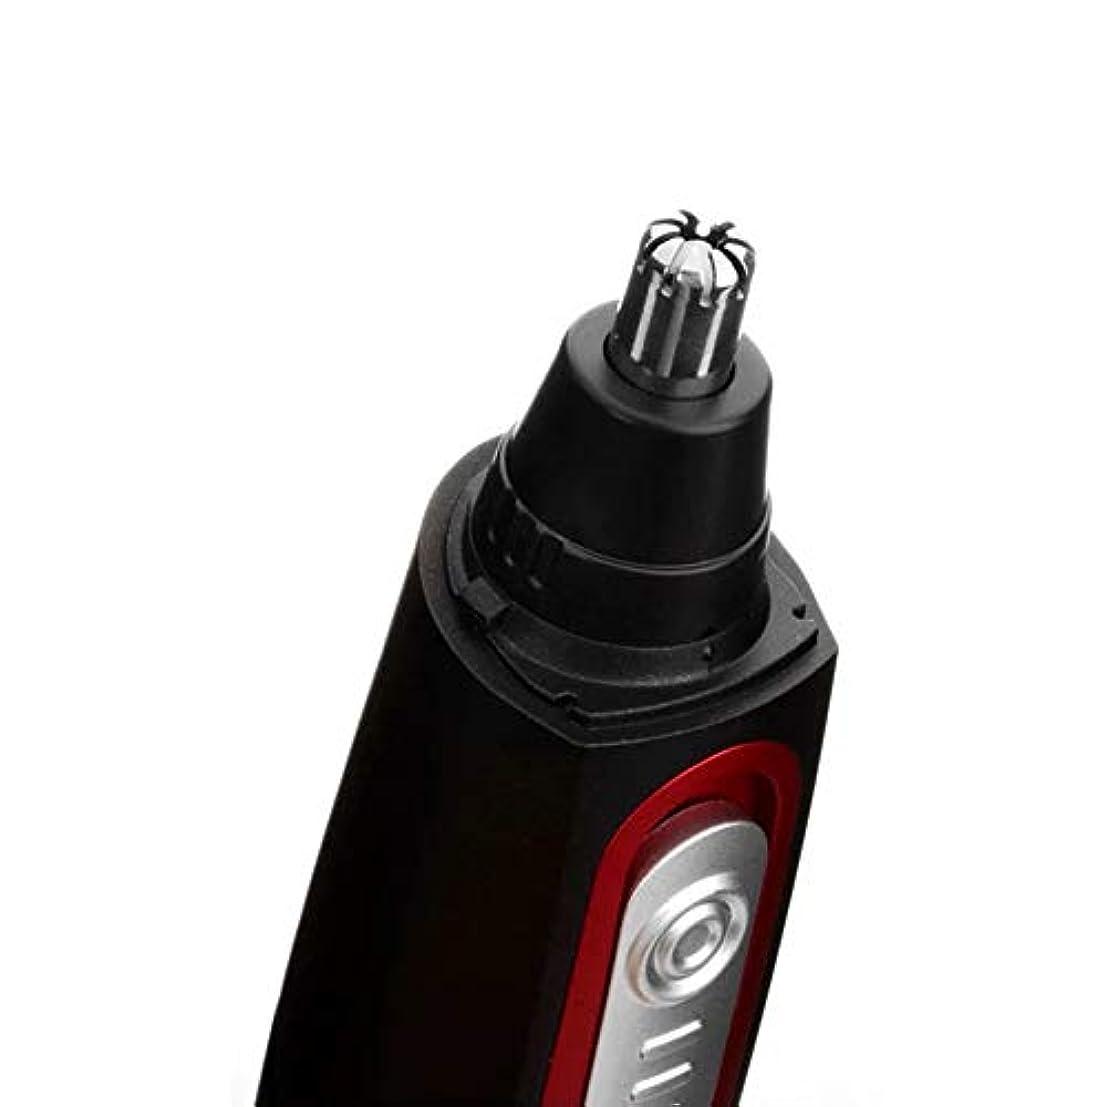 ペニーリマーク好みノーズヘアトリマー/メンズシェービングノーズヘアスクレーピングノーズヘアハサミ/ 360°効果的なキャプチャー/三次元ロータリーカッターヘッドデザイン/ 14cm 持つ価値があります